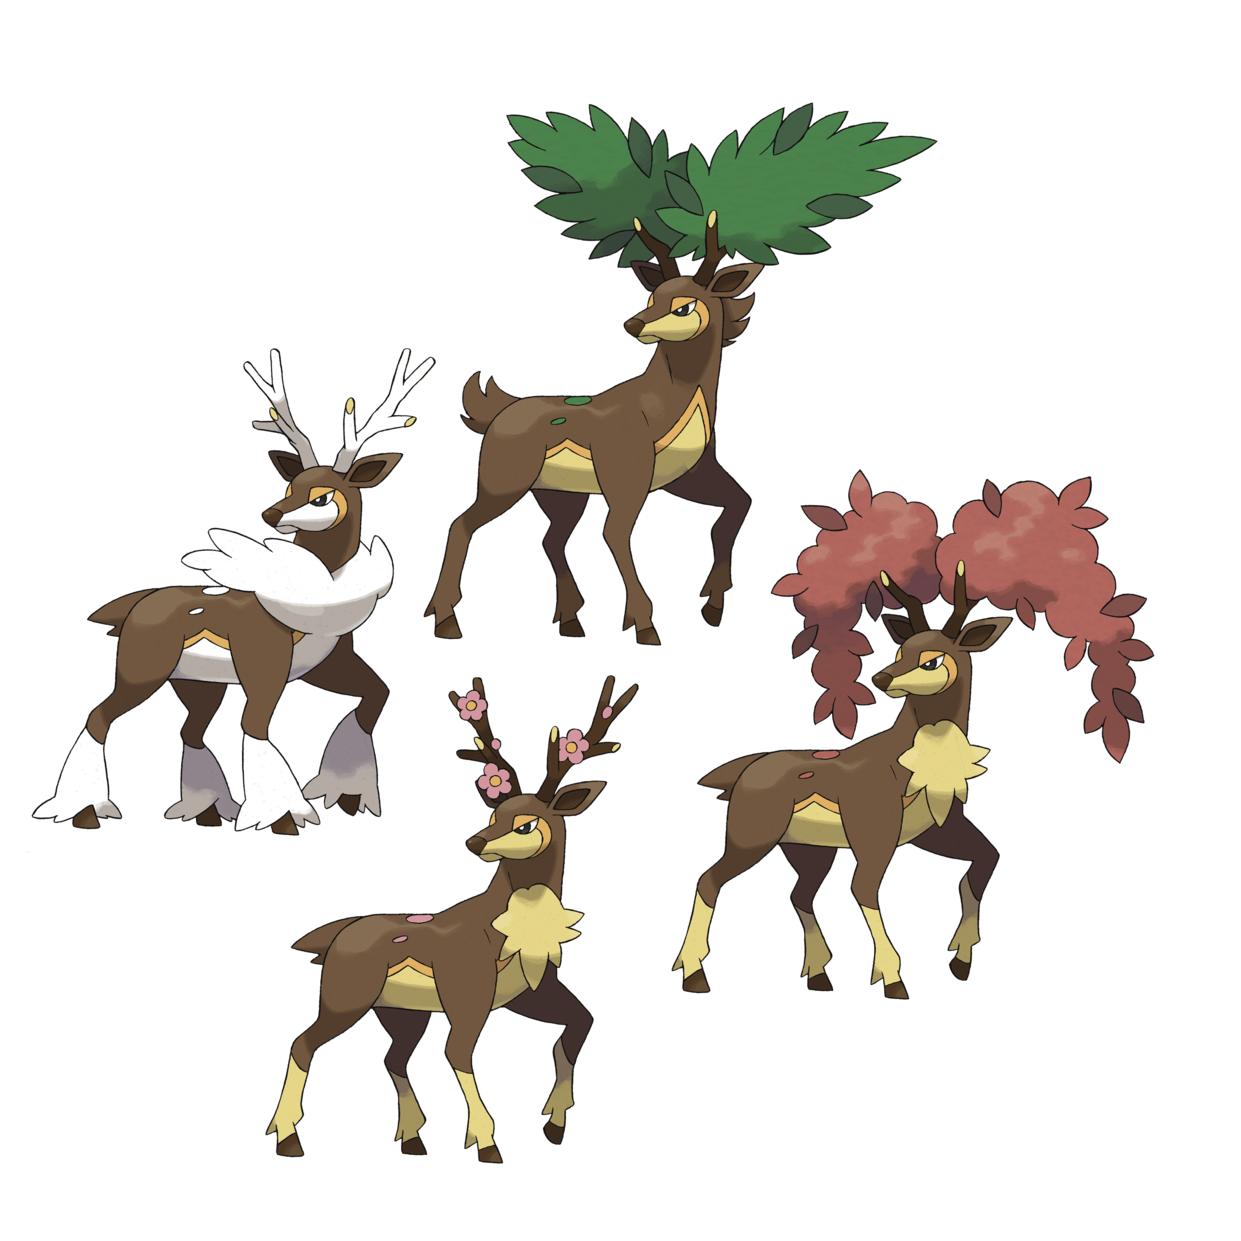 My Favorite Pokémon: #13: Sawsbuck